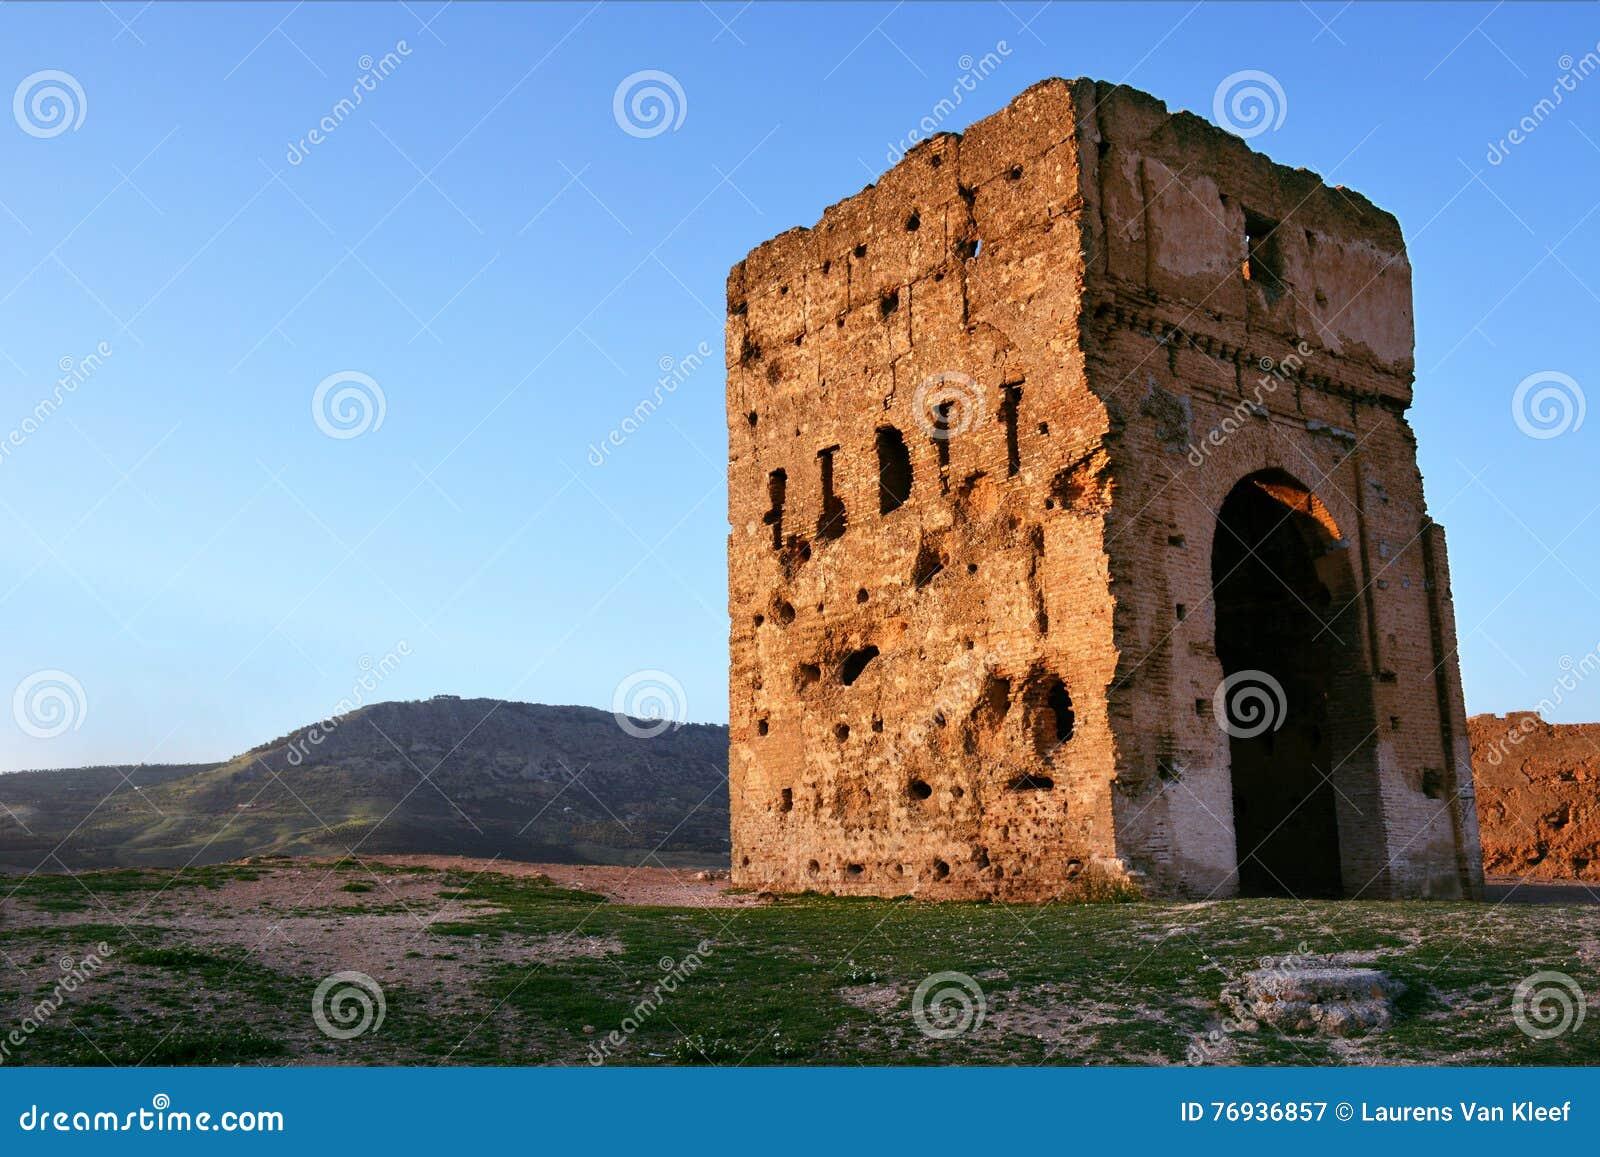 De Merenid-Graven in Fez